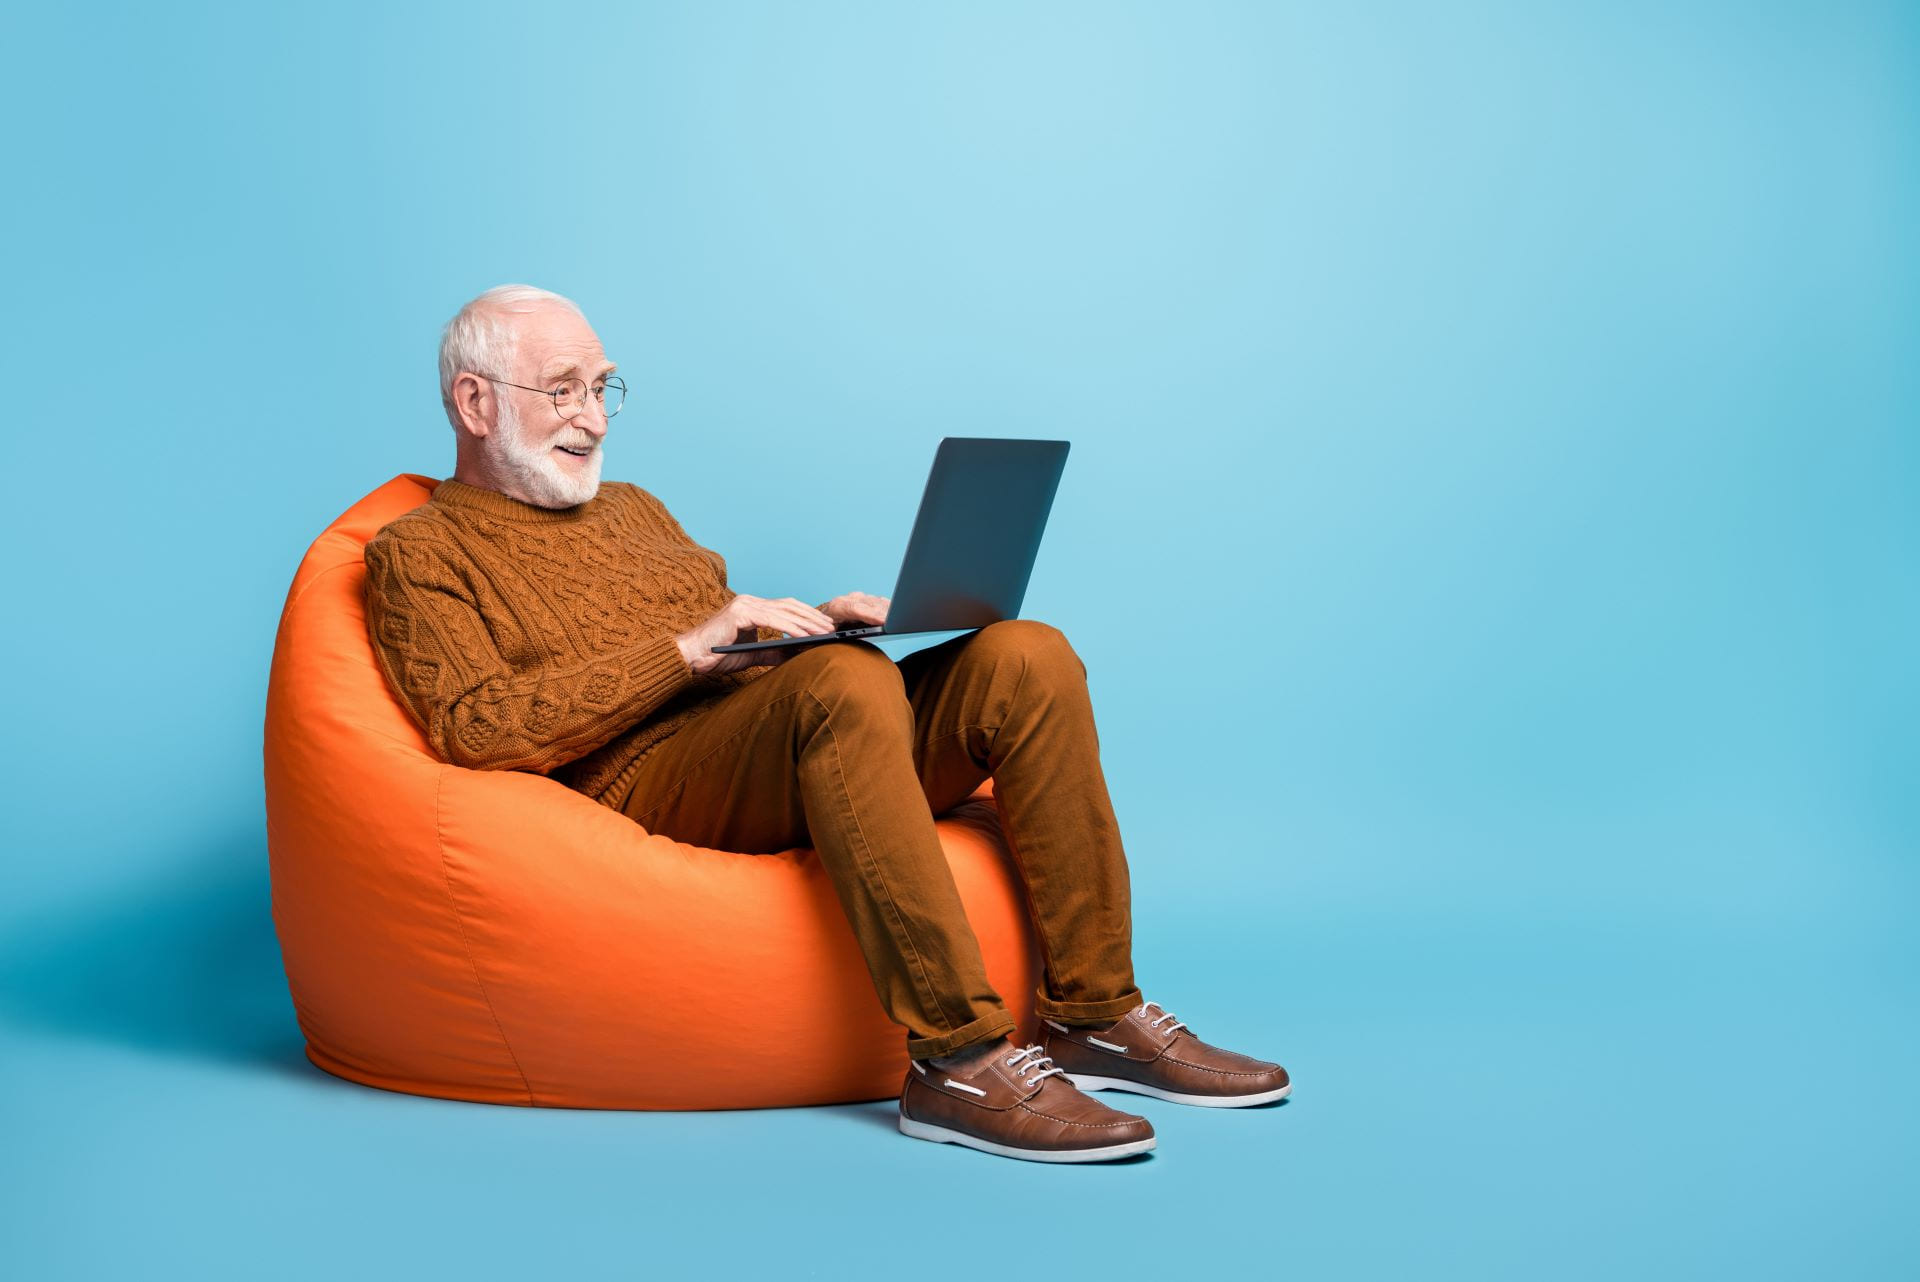 Le bien vieillir selon Alain Monteux (Tunstall) : valeurs humaines et technologie